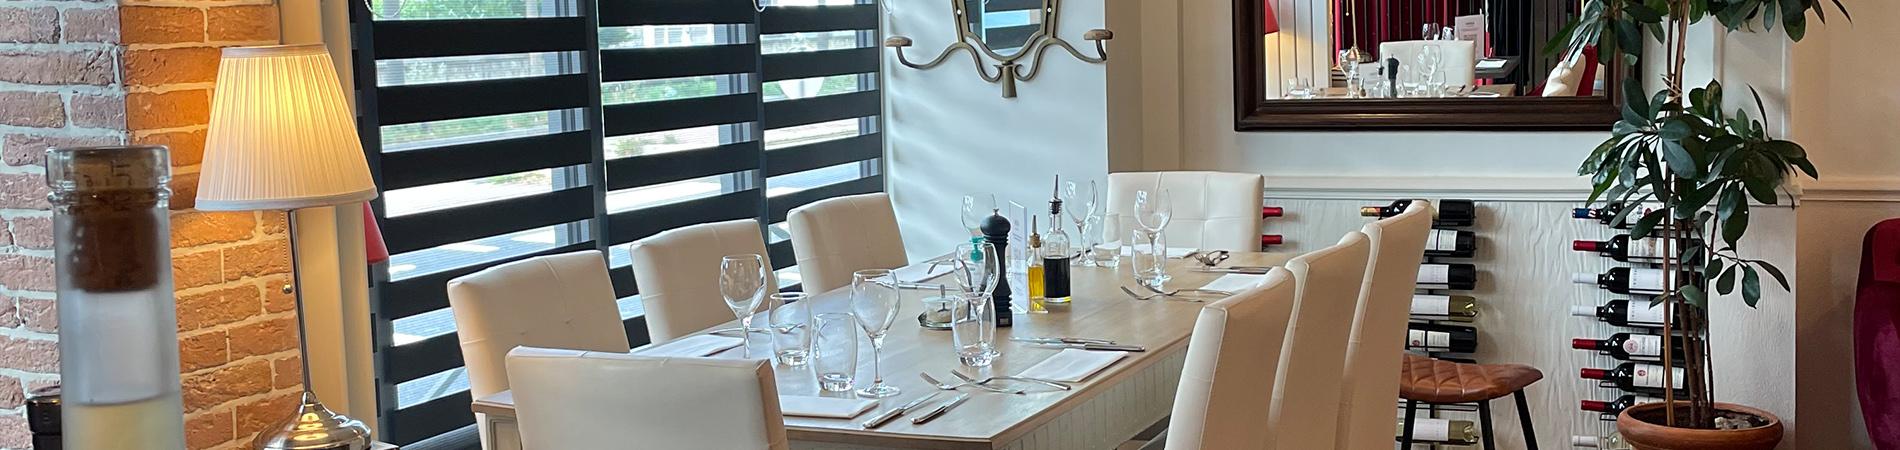 La grange restaurant boulogne new slider4